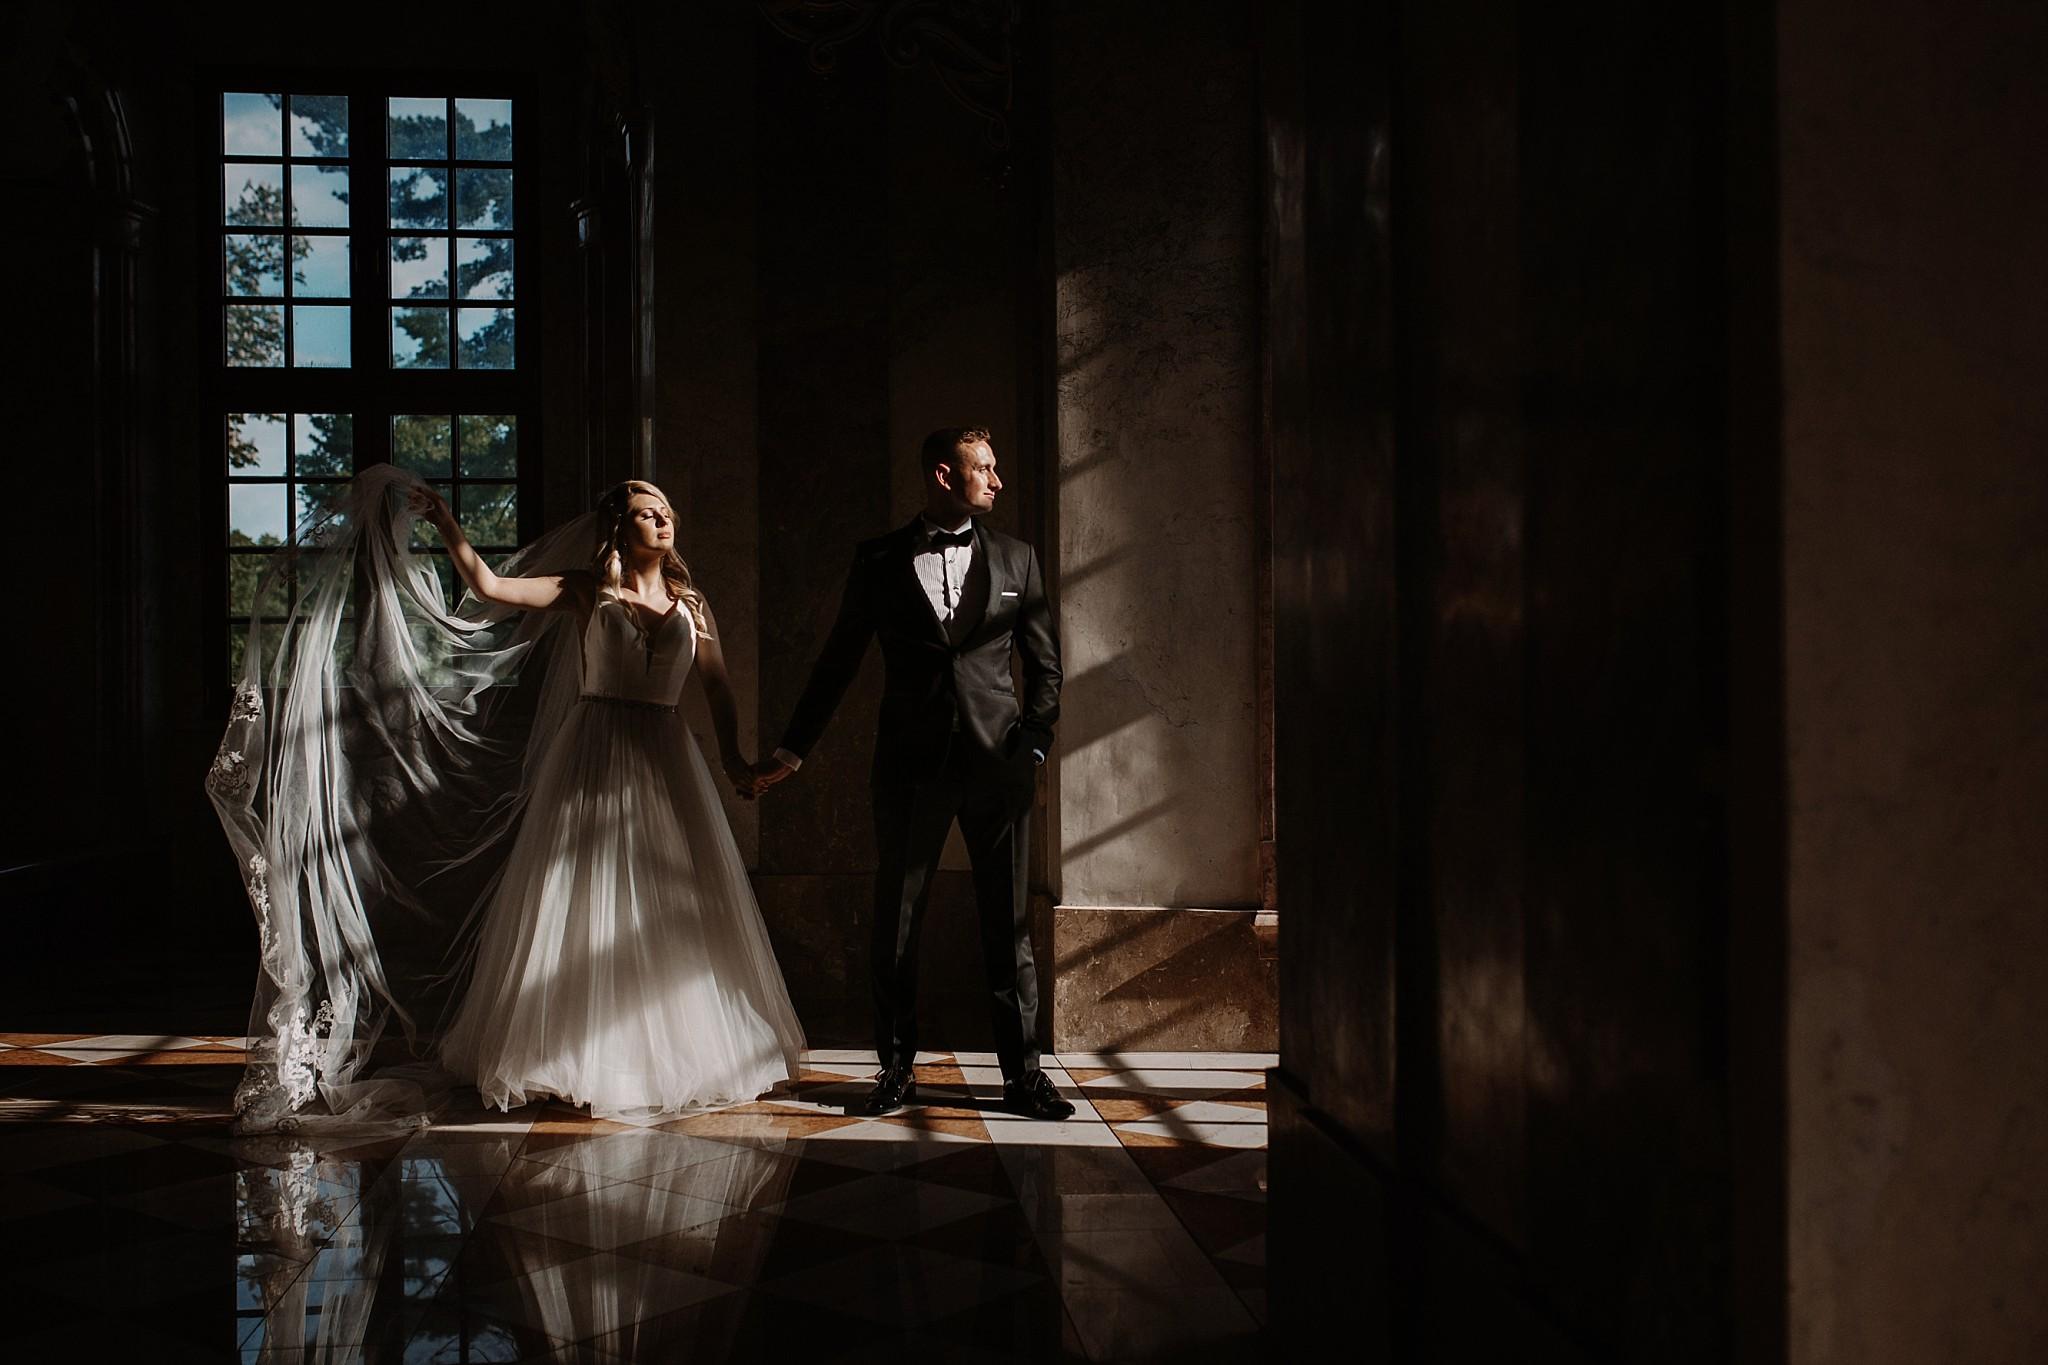 lubiaz opactwo cystersow sesja na zamku sesja zdjeciowa sesja slubna w palacu sesja palac fotograf z poznania fotografia slubna poznan 107